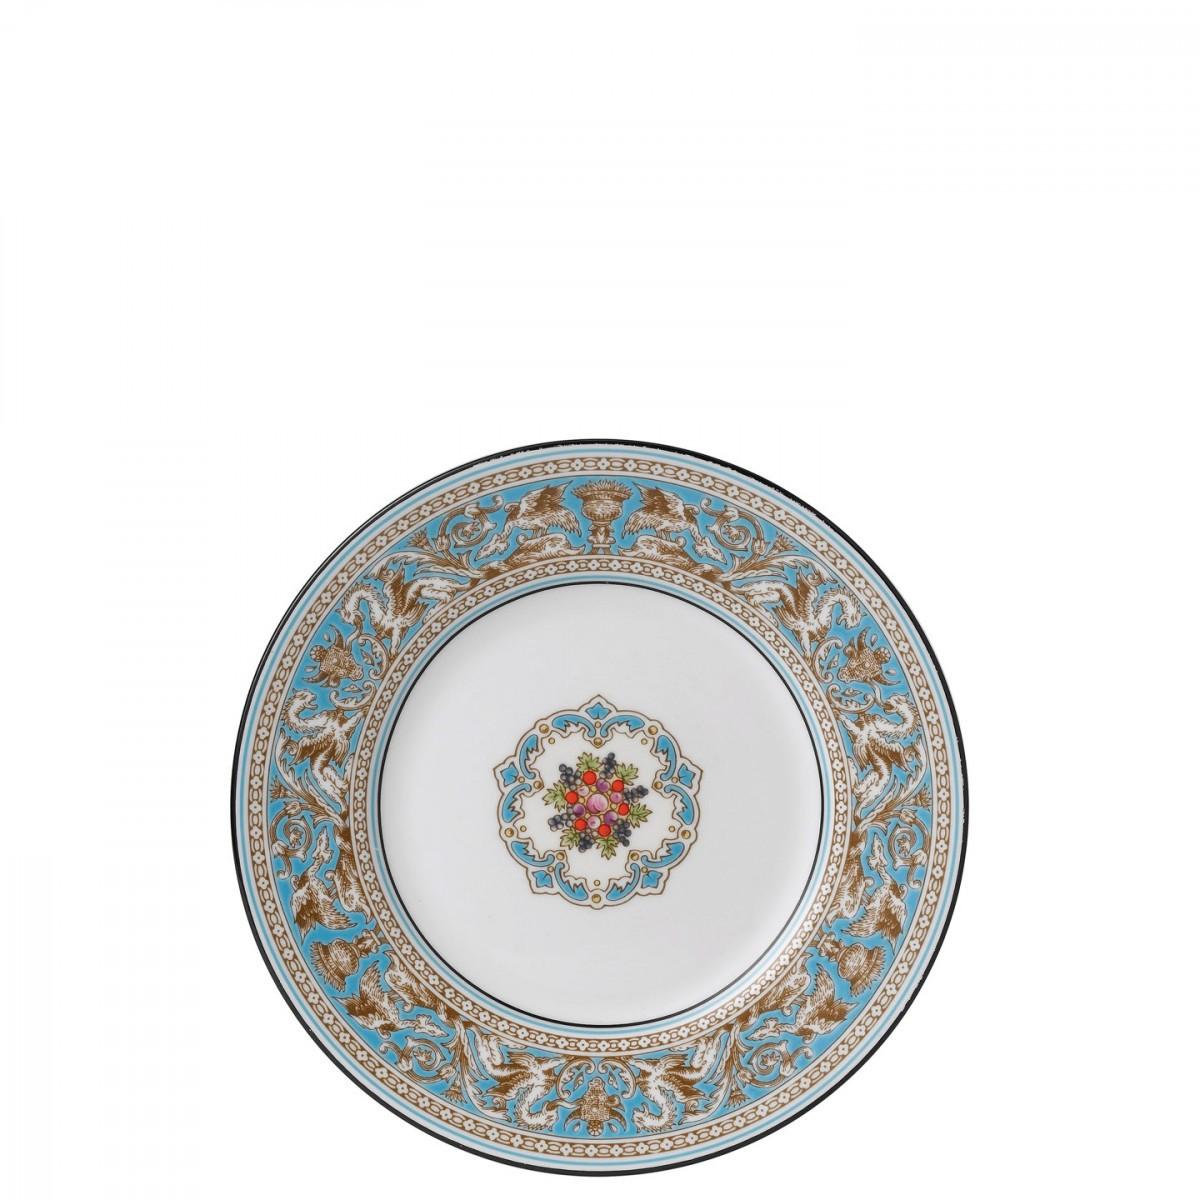 wedgwood bone china wild strawberry vase of wedgwood florentine turquoise plate 18cm wedgwooda uk with regard to florentine turquoise plate 18cm